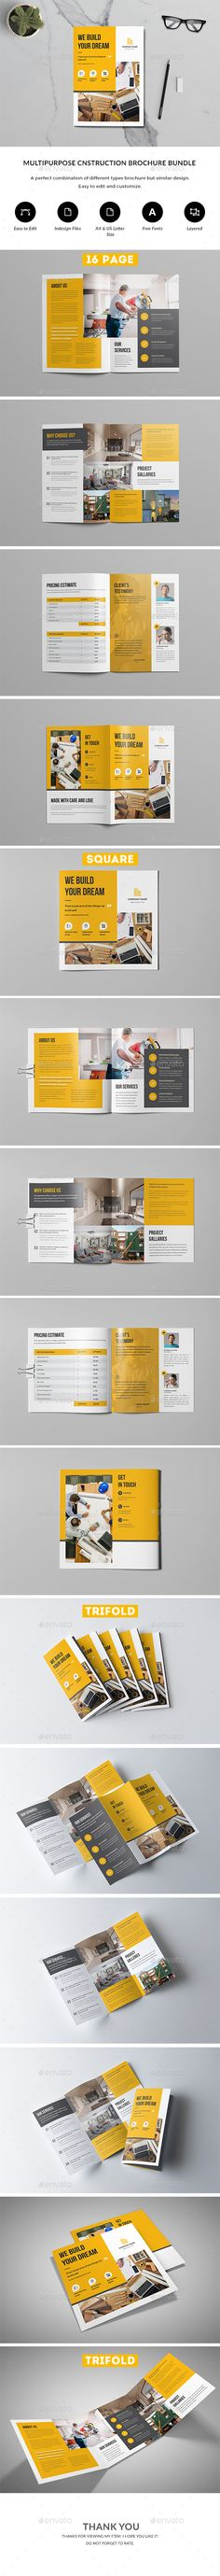 Construction Brochure Bundle #construction #business • Download ➝ https://graphicriver.net/item/construction-brochure-bundle/21310753?ref=pxcr